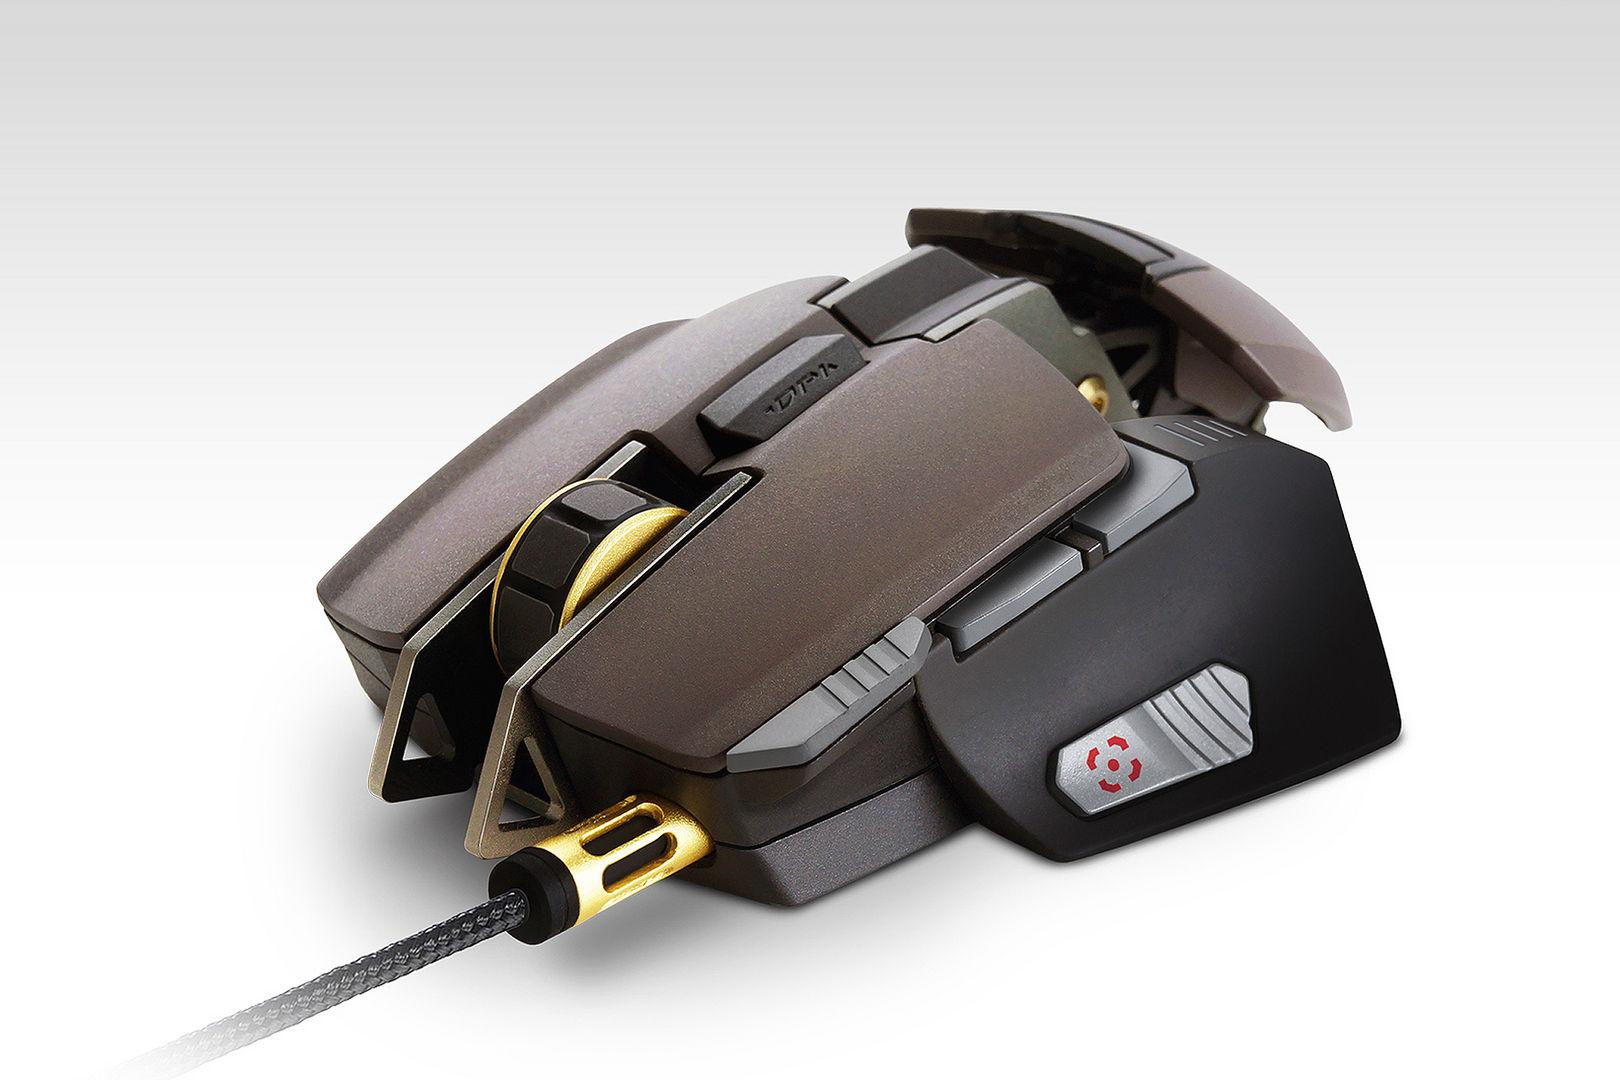 COUGAR-Gaming-Gear-iF-Award-PR-3